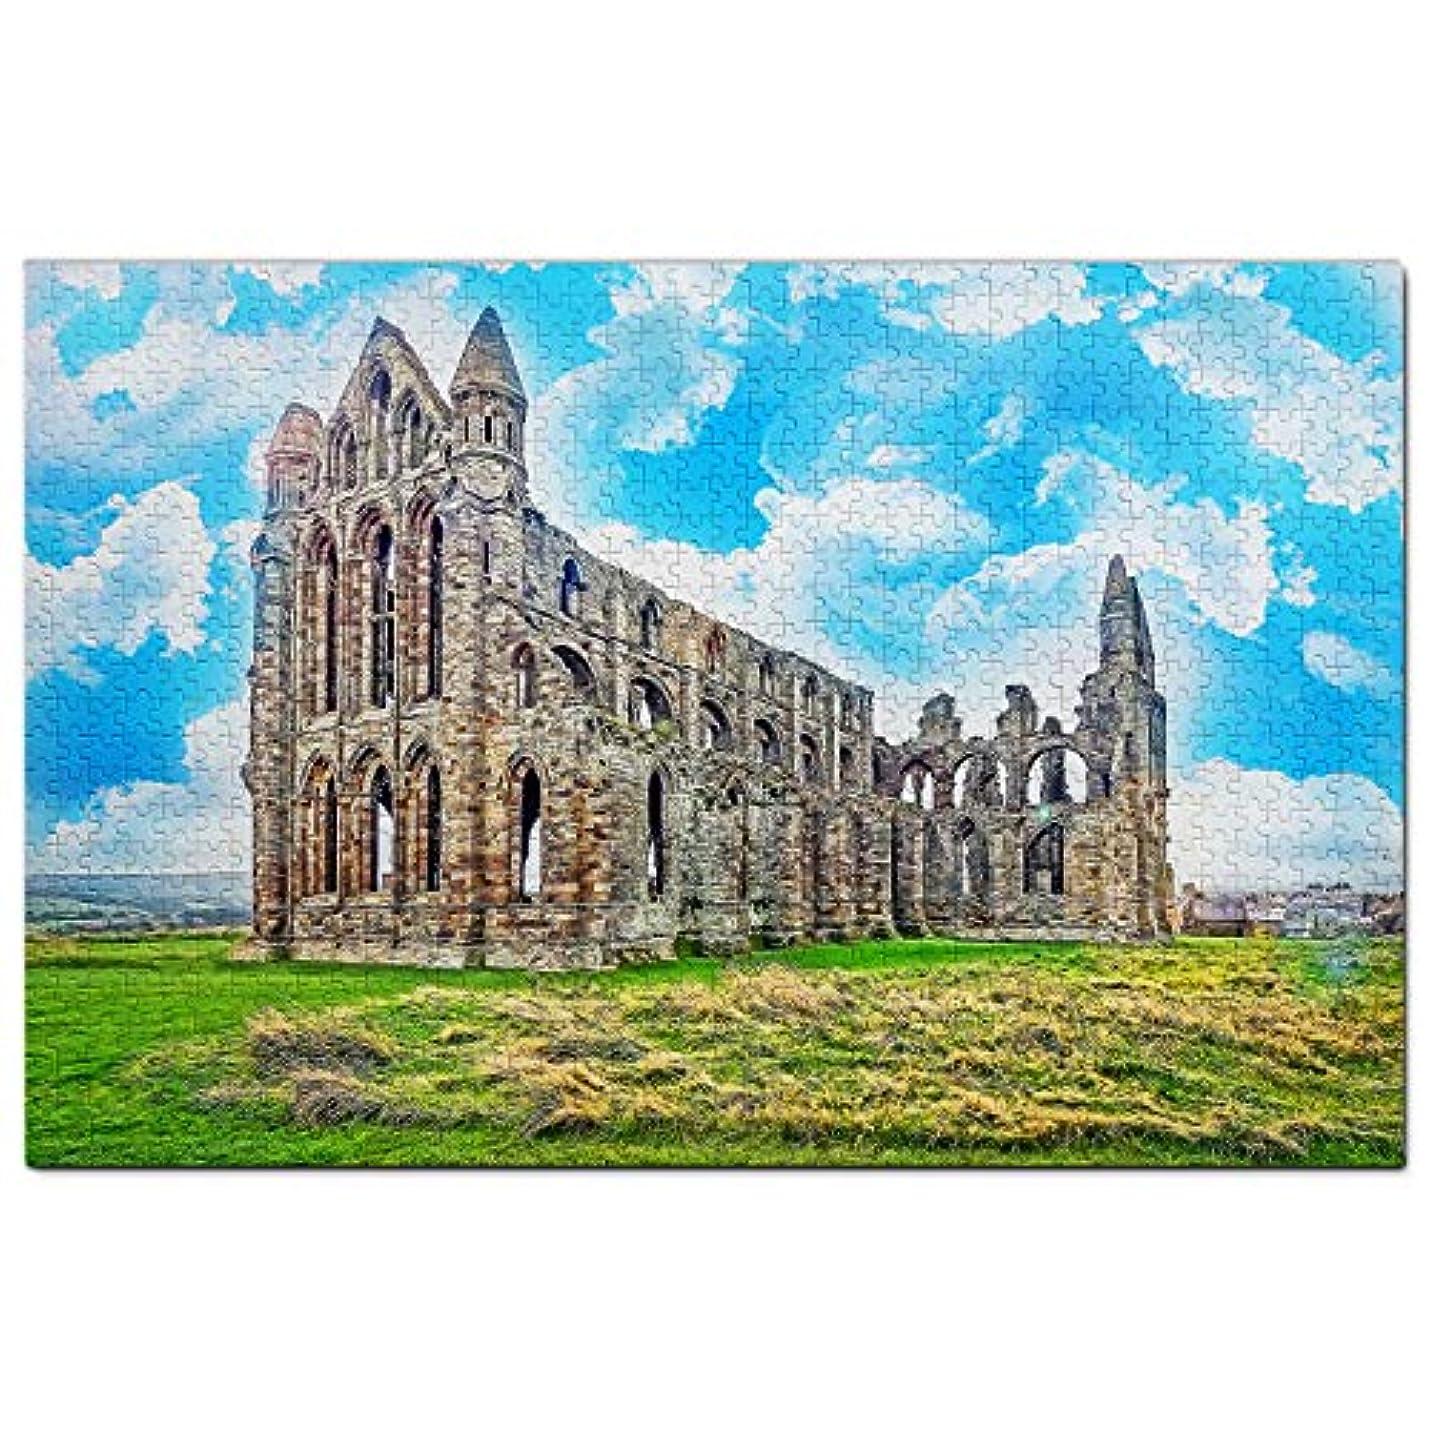 フロンティアずるい調停する英国ジグソーパズル1000ピースイギリスウィットビー修道院ヨークパズルゲームアートワーク旅行お土産木製